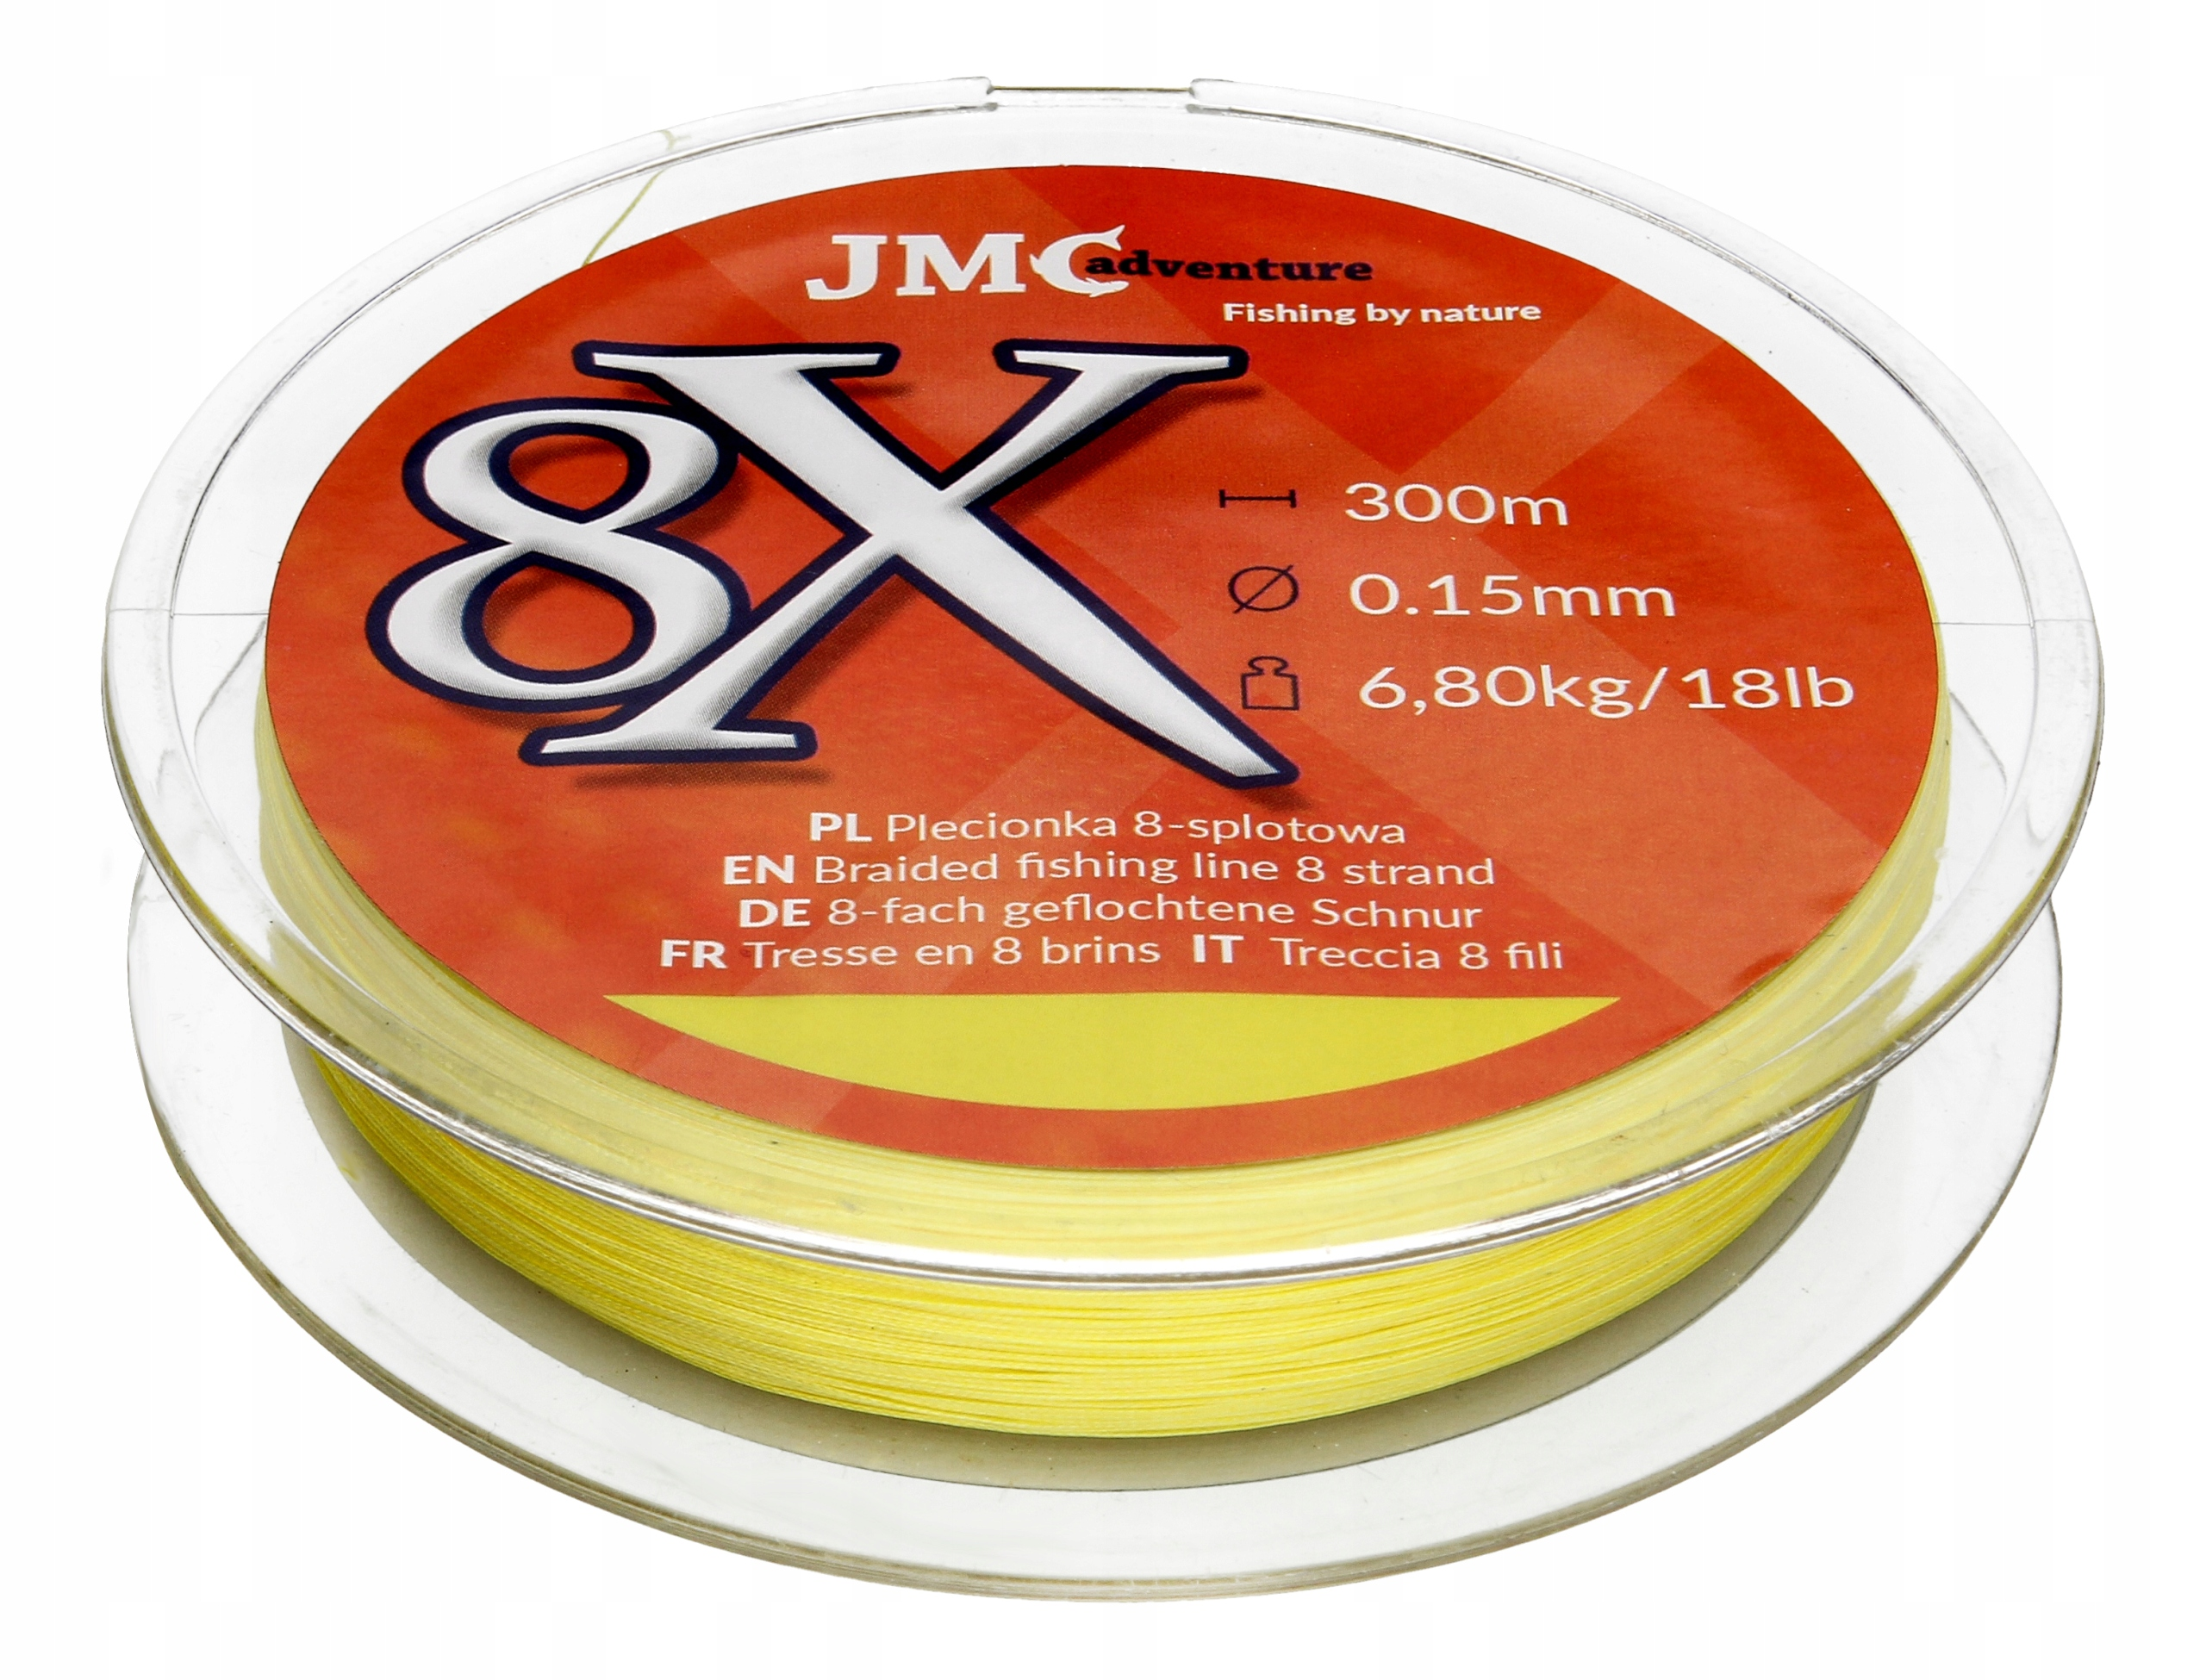 JMC Adventure Rybársky kúsok 8x 0,15 mm 300m